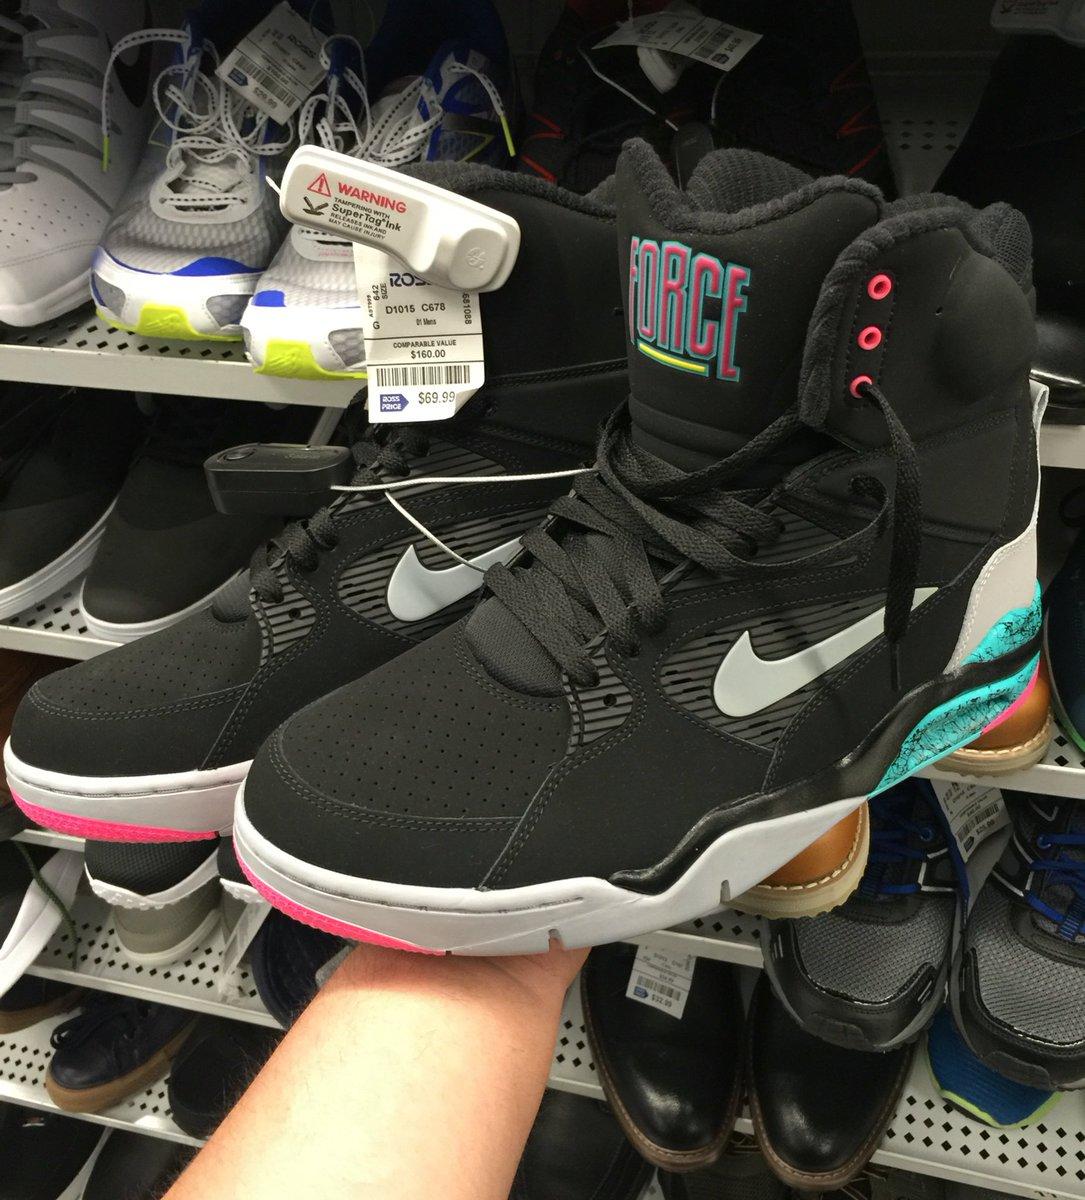 Nike Command Force 69 99 Via Ross Brandon Fl Kotd Sneaker Twitter Com S6h48hjxh8